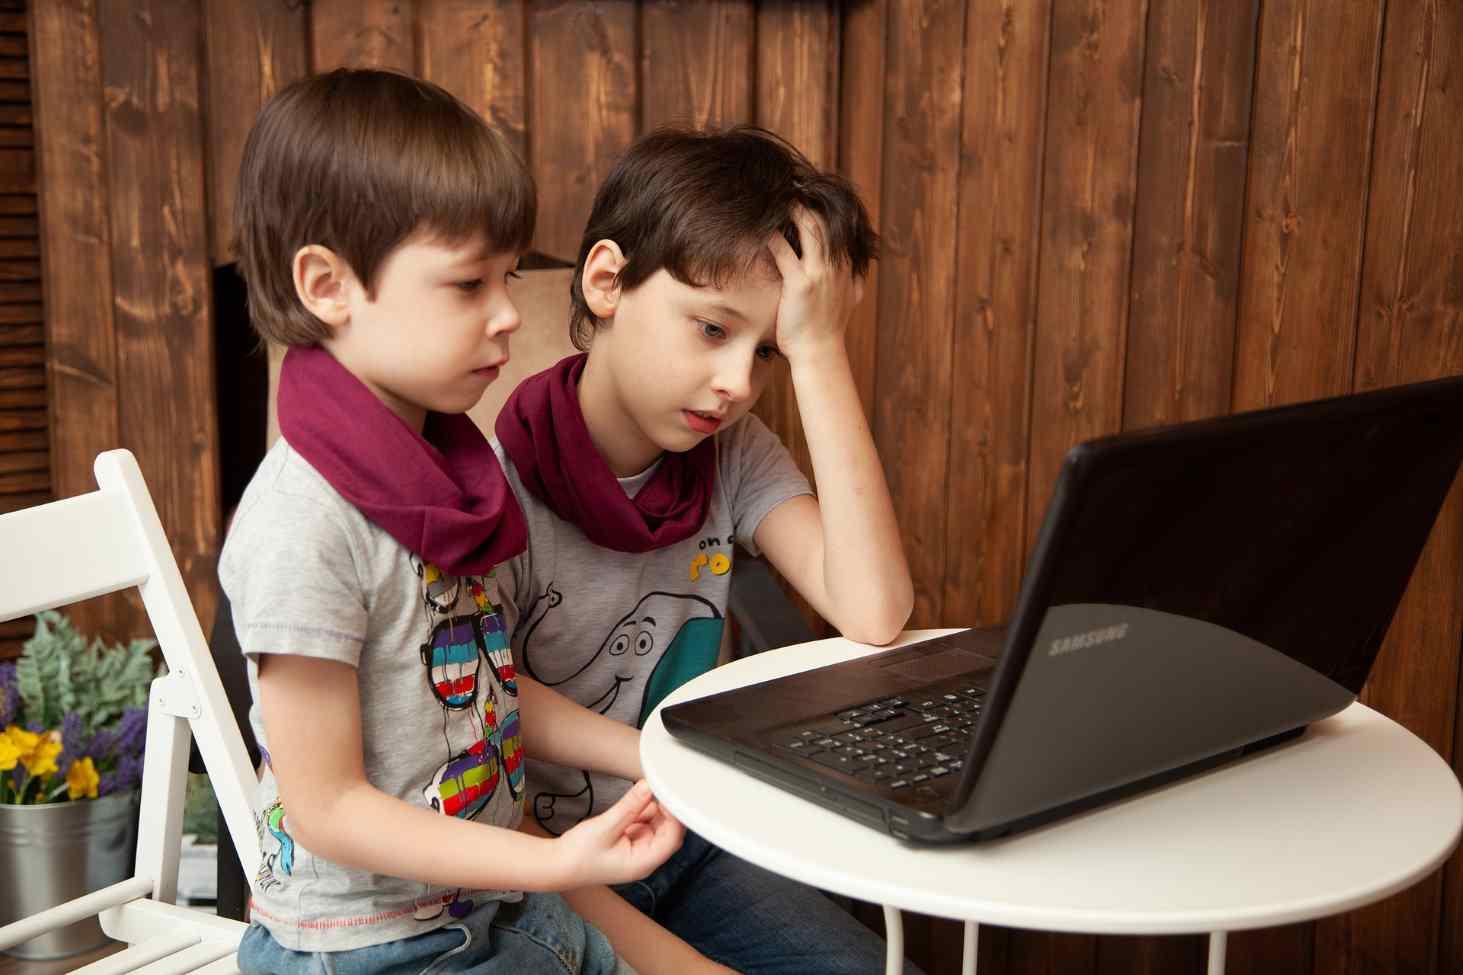 kak-organizovat-distantsionnoe-obrazovanie-shkolnikov-i-studentov